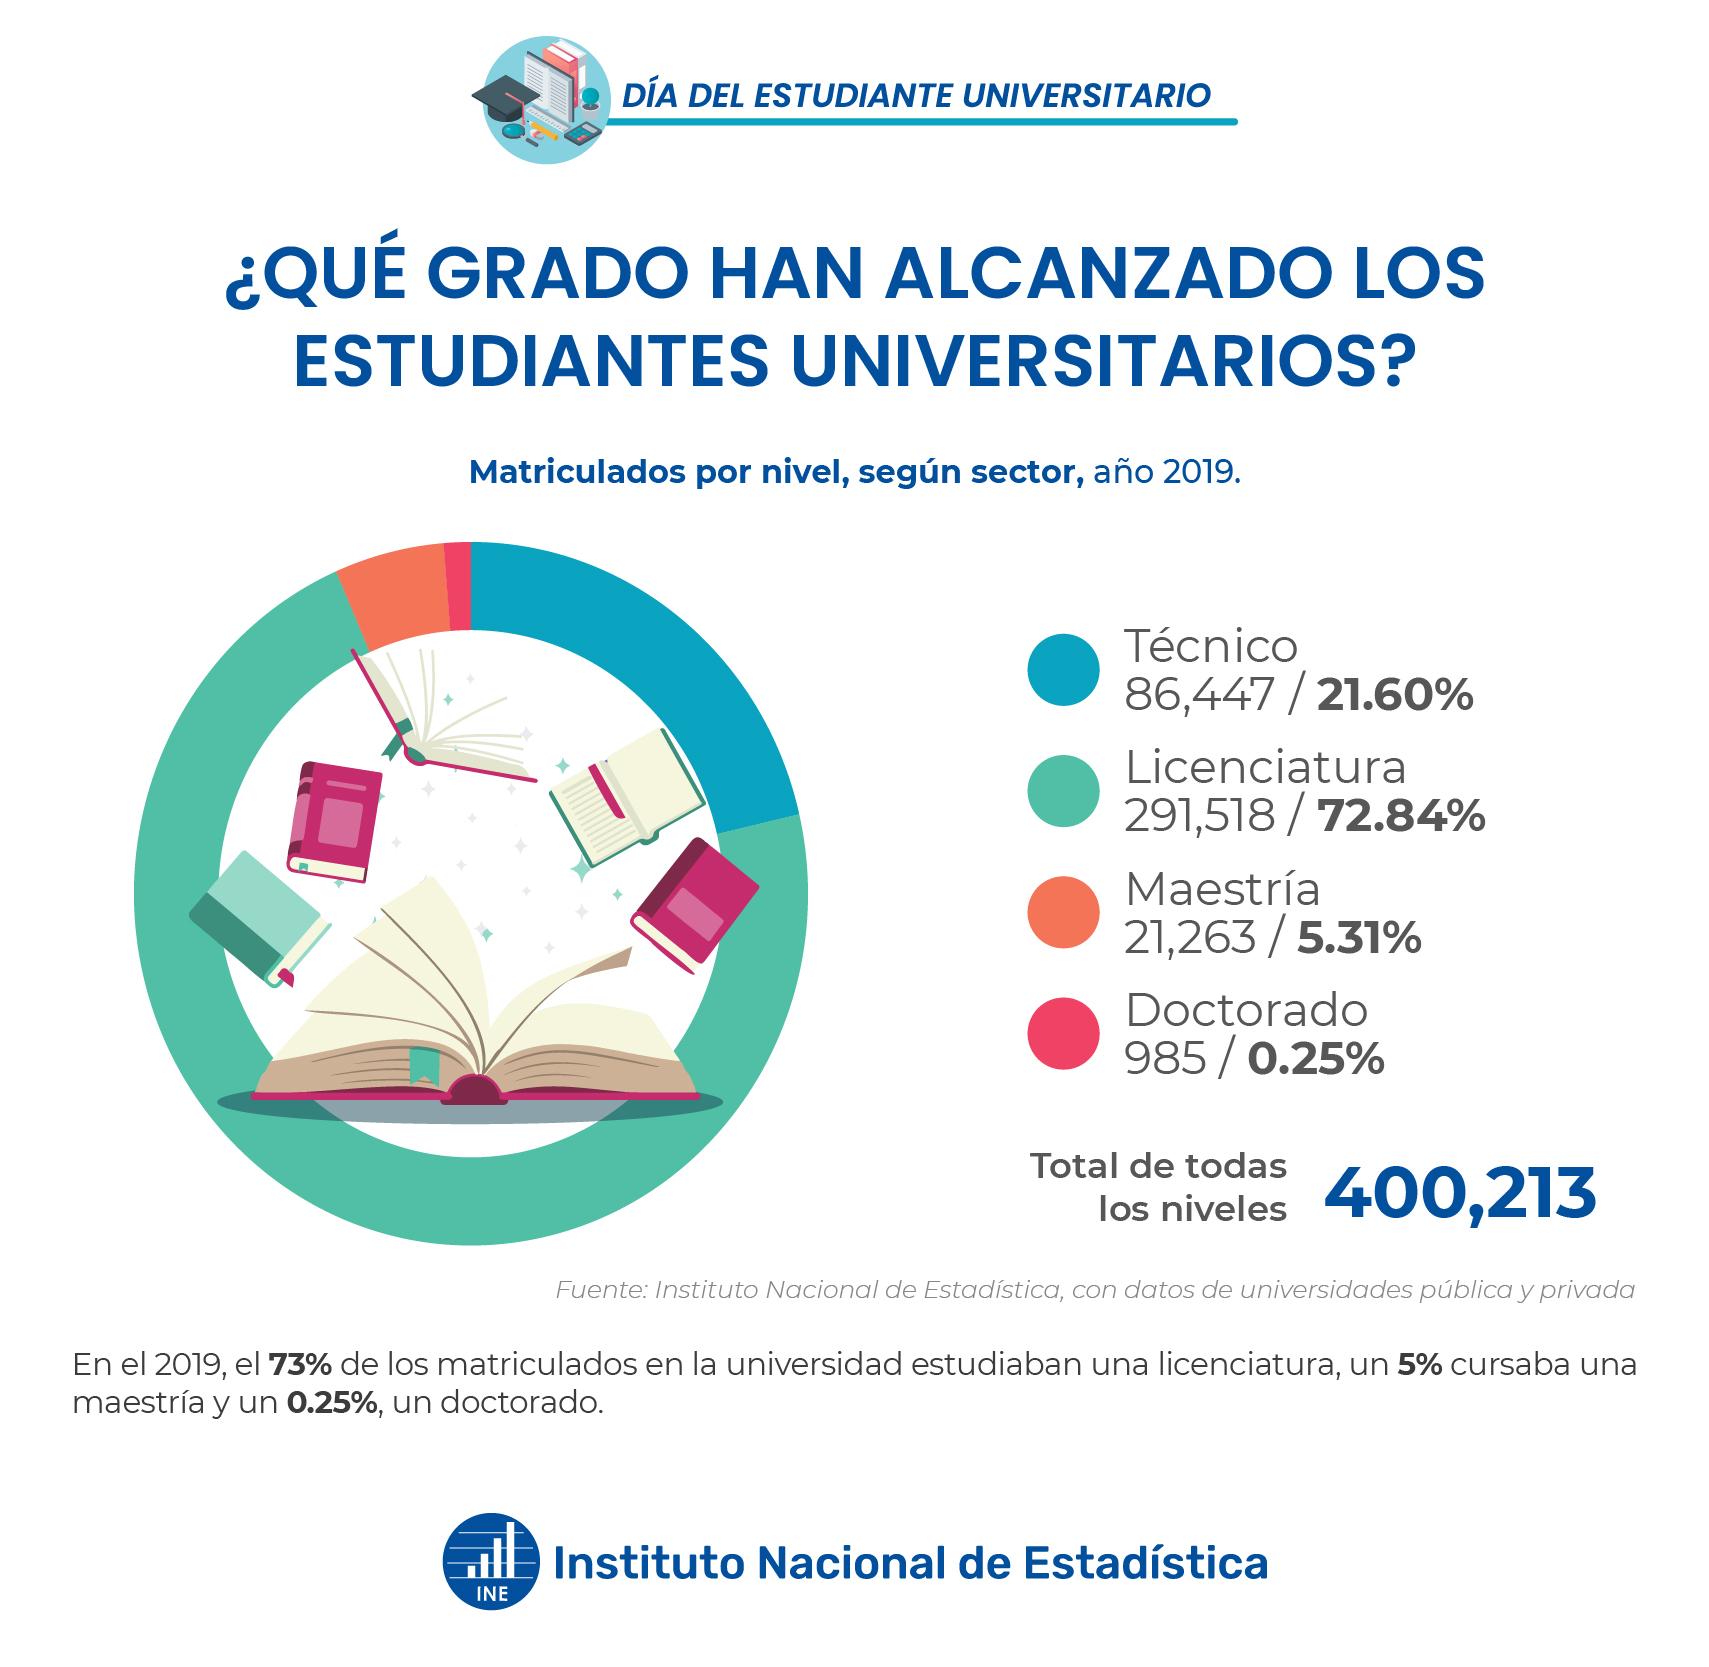 Matriculados por nivel, según sector, año 2019